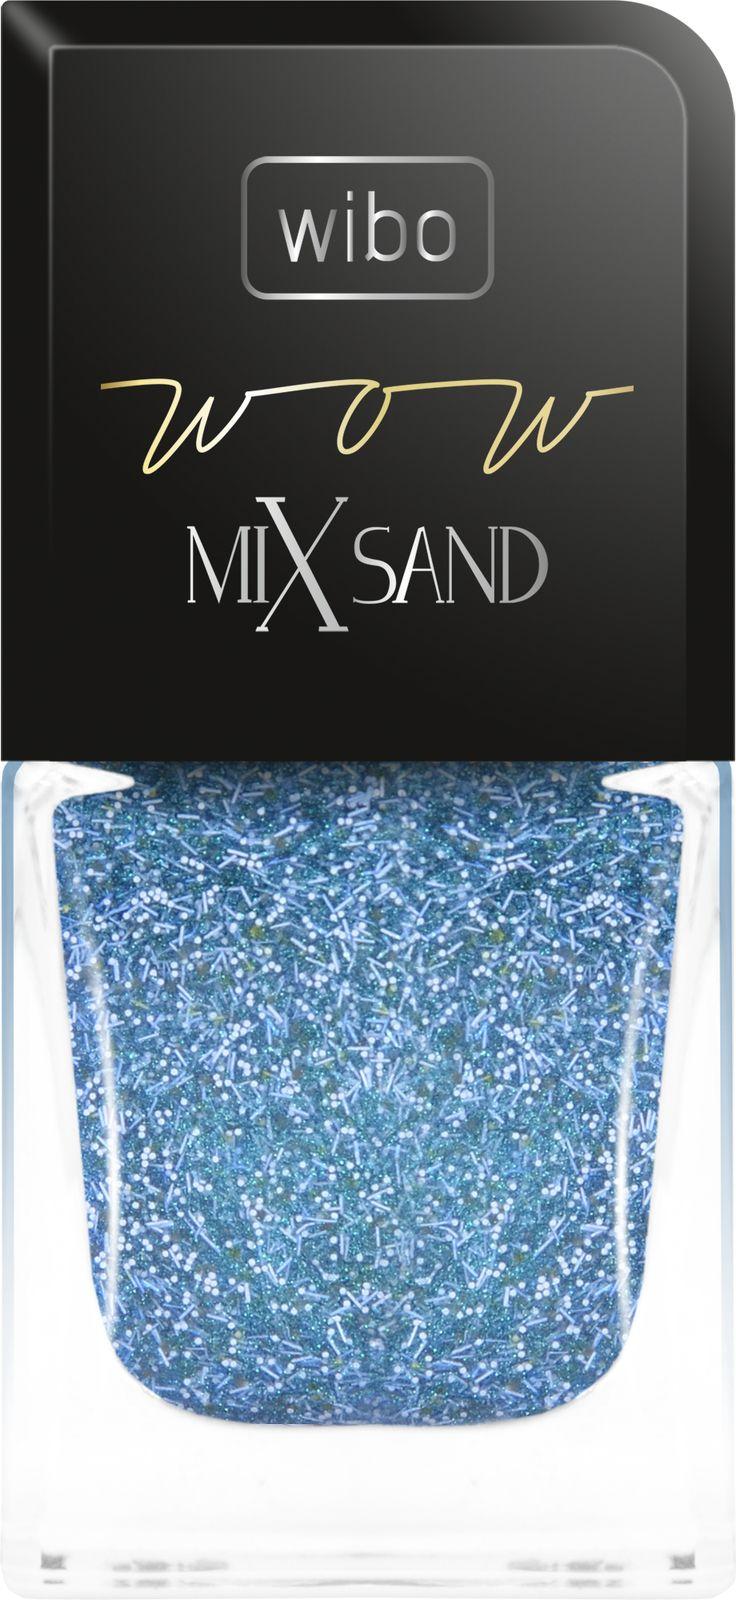 lakier do paznokci WOW MIX SAND